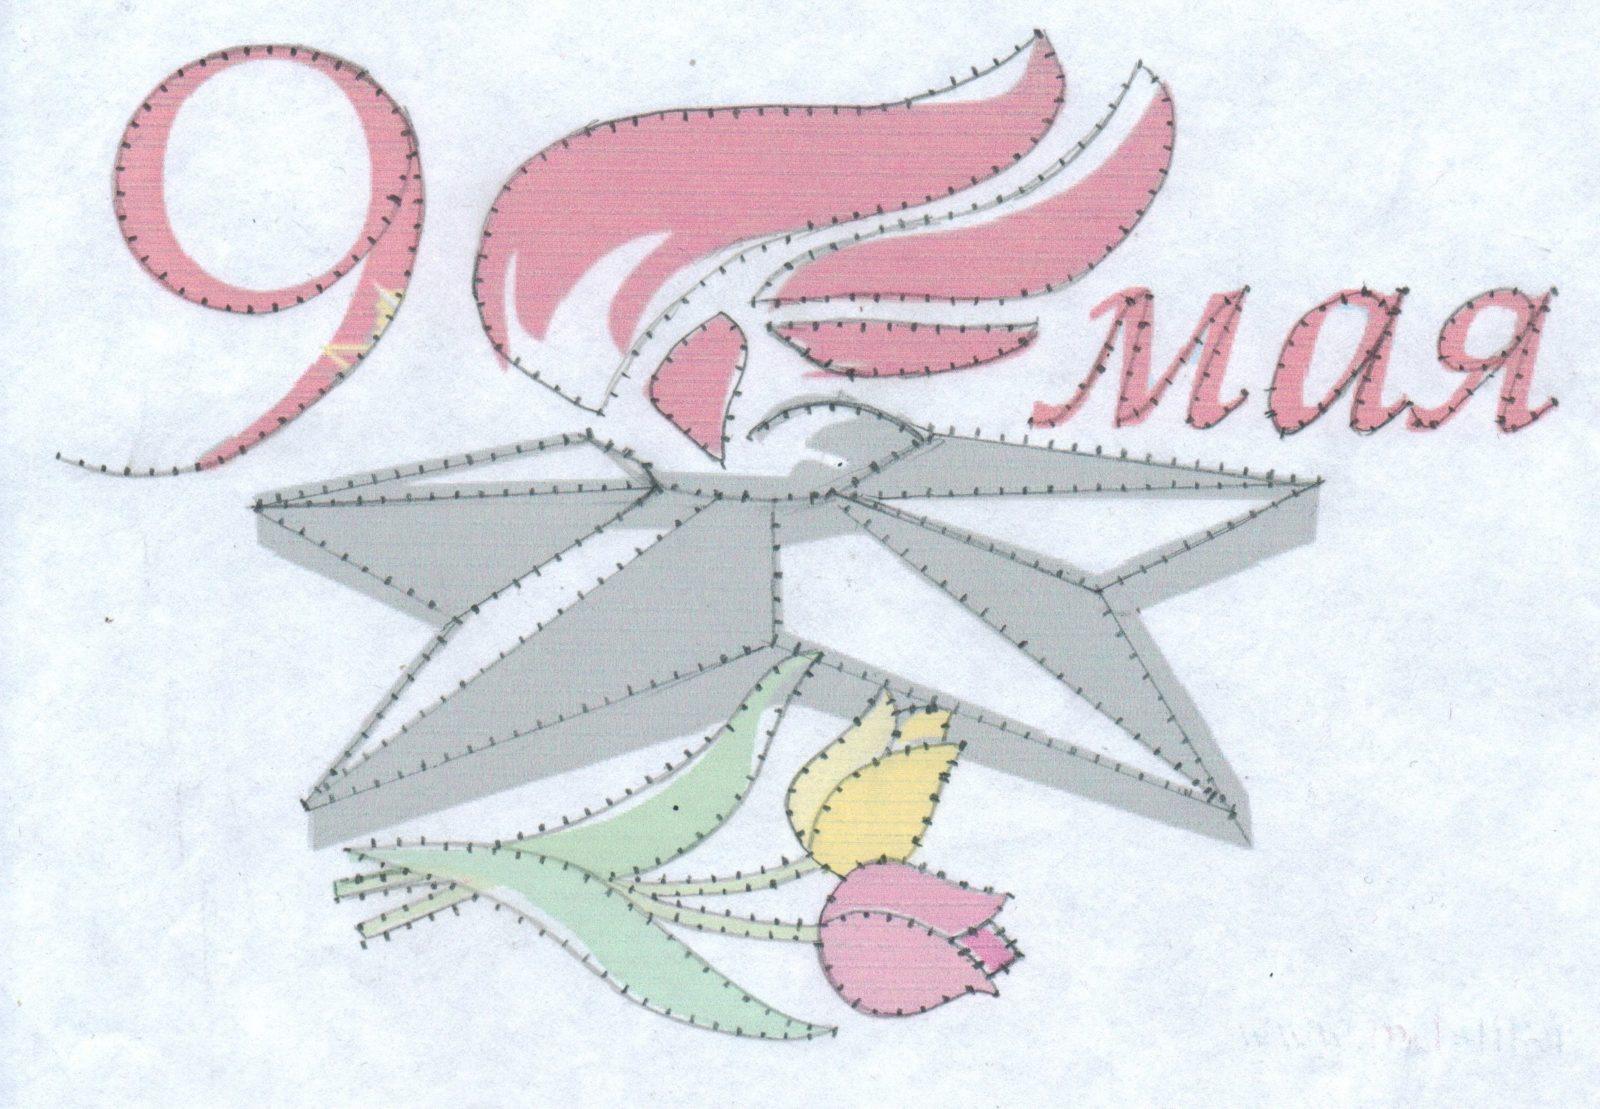 схема для открытки